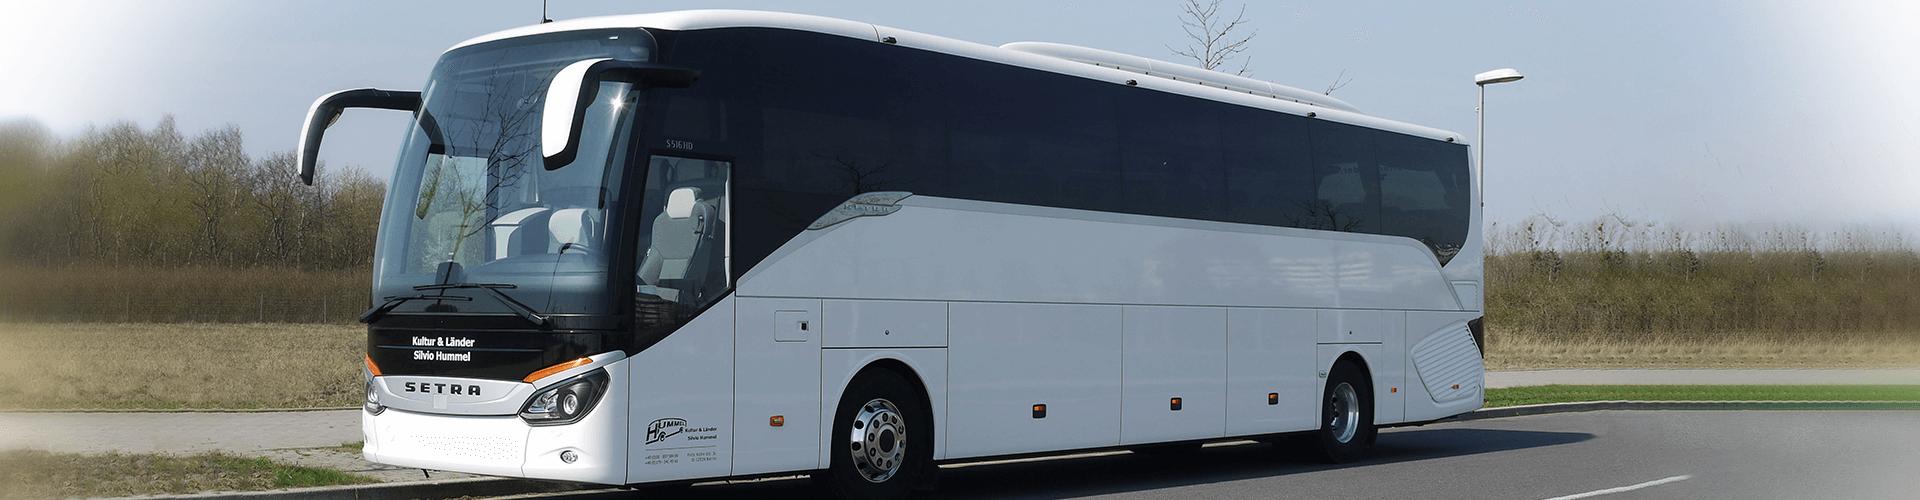 Bus für große Gruppen bis 53 Personen mieten